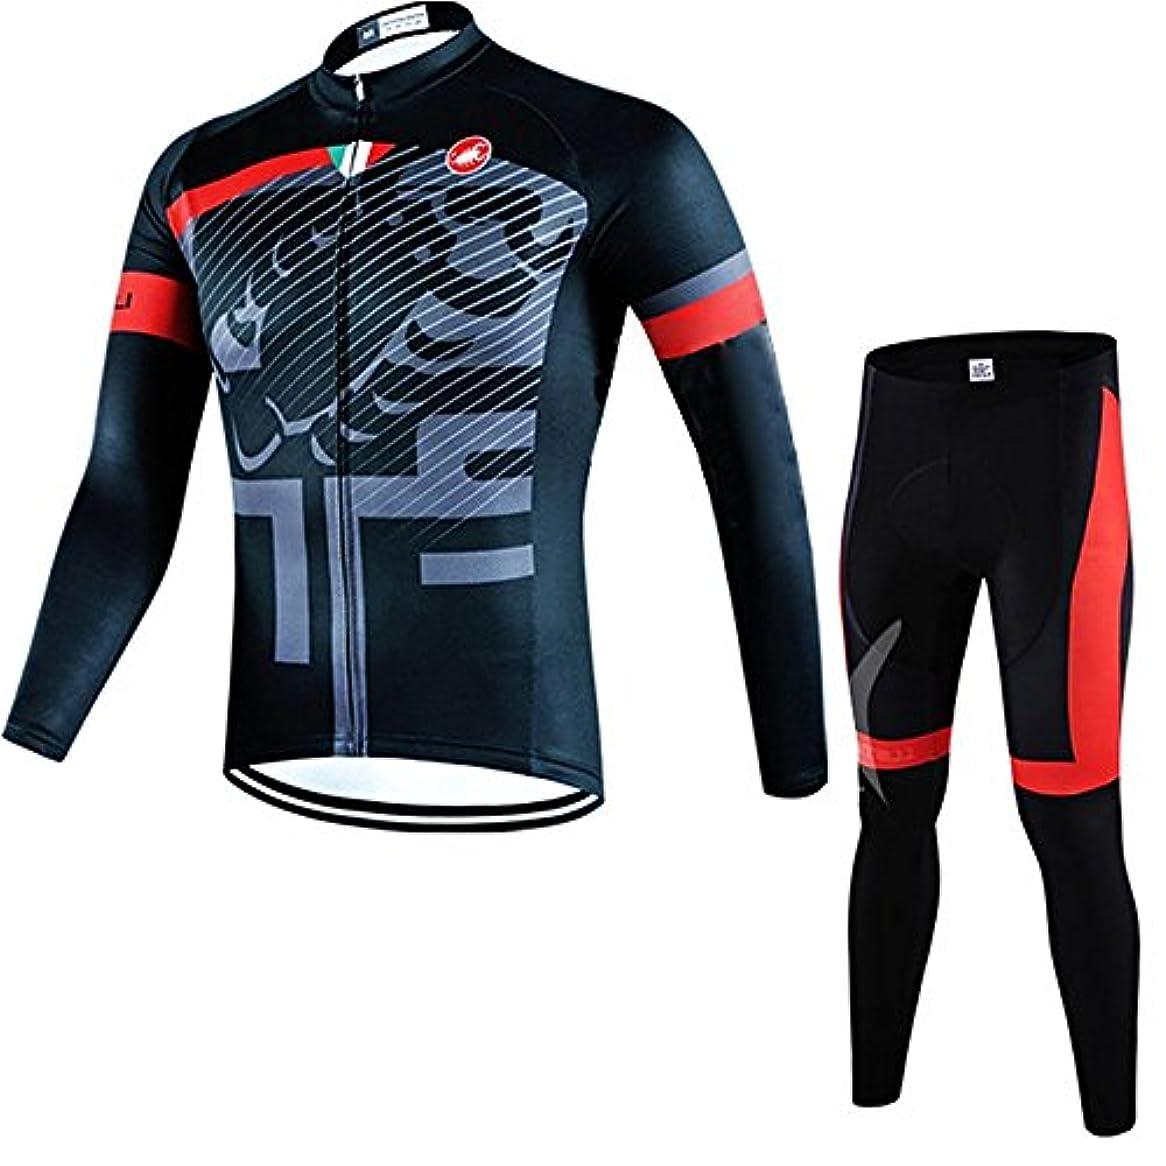 生まれカップ争うサイクルウェア メンズ サイクルジャージ 自転車服 長袖 防風保温 3Dパット付き サイズ上下別可 おしゃれ 上下セット ウインドブレーク サイクリング